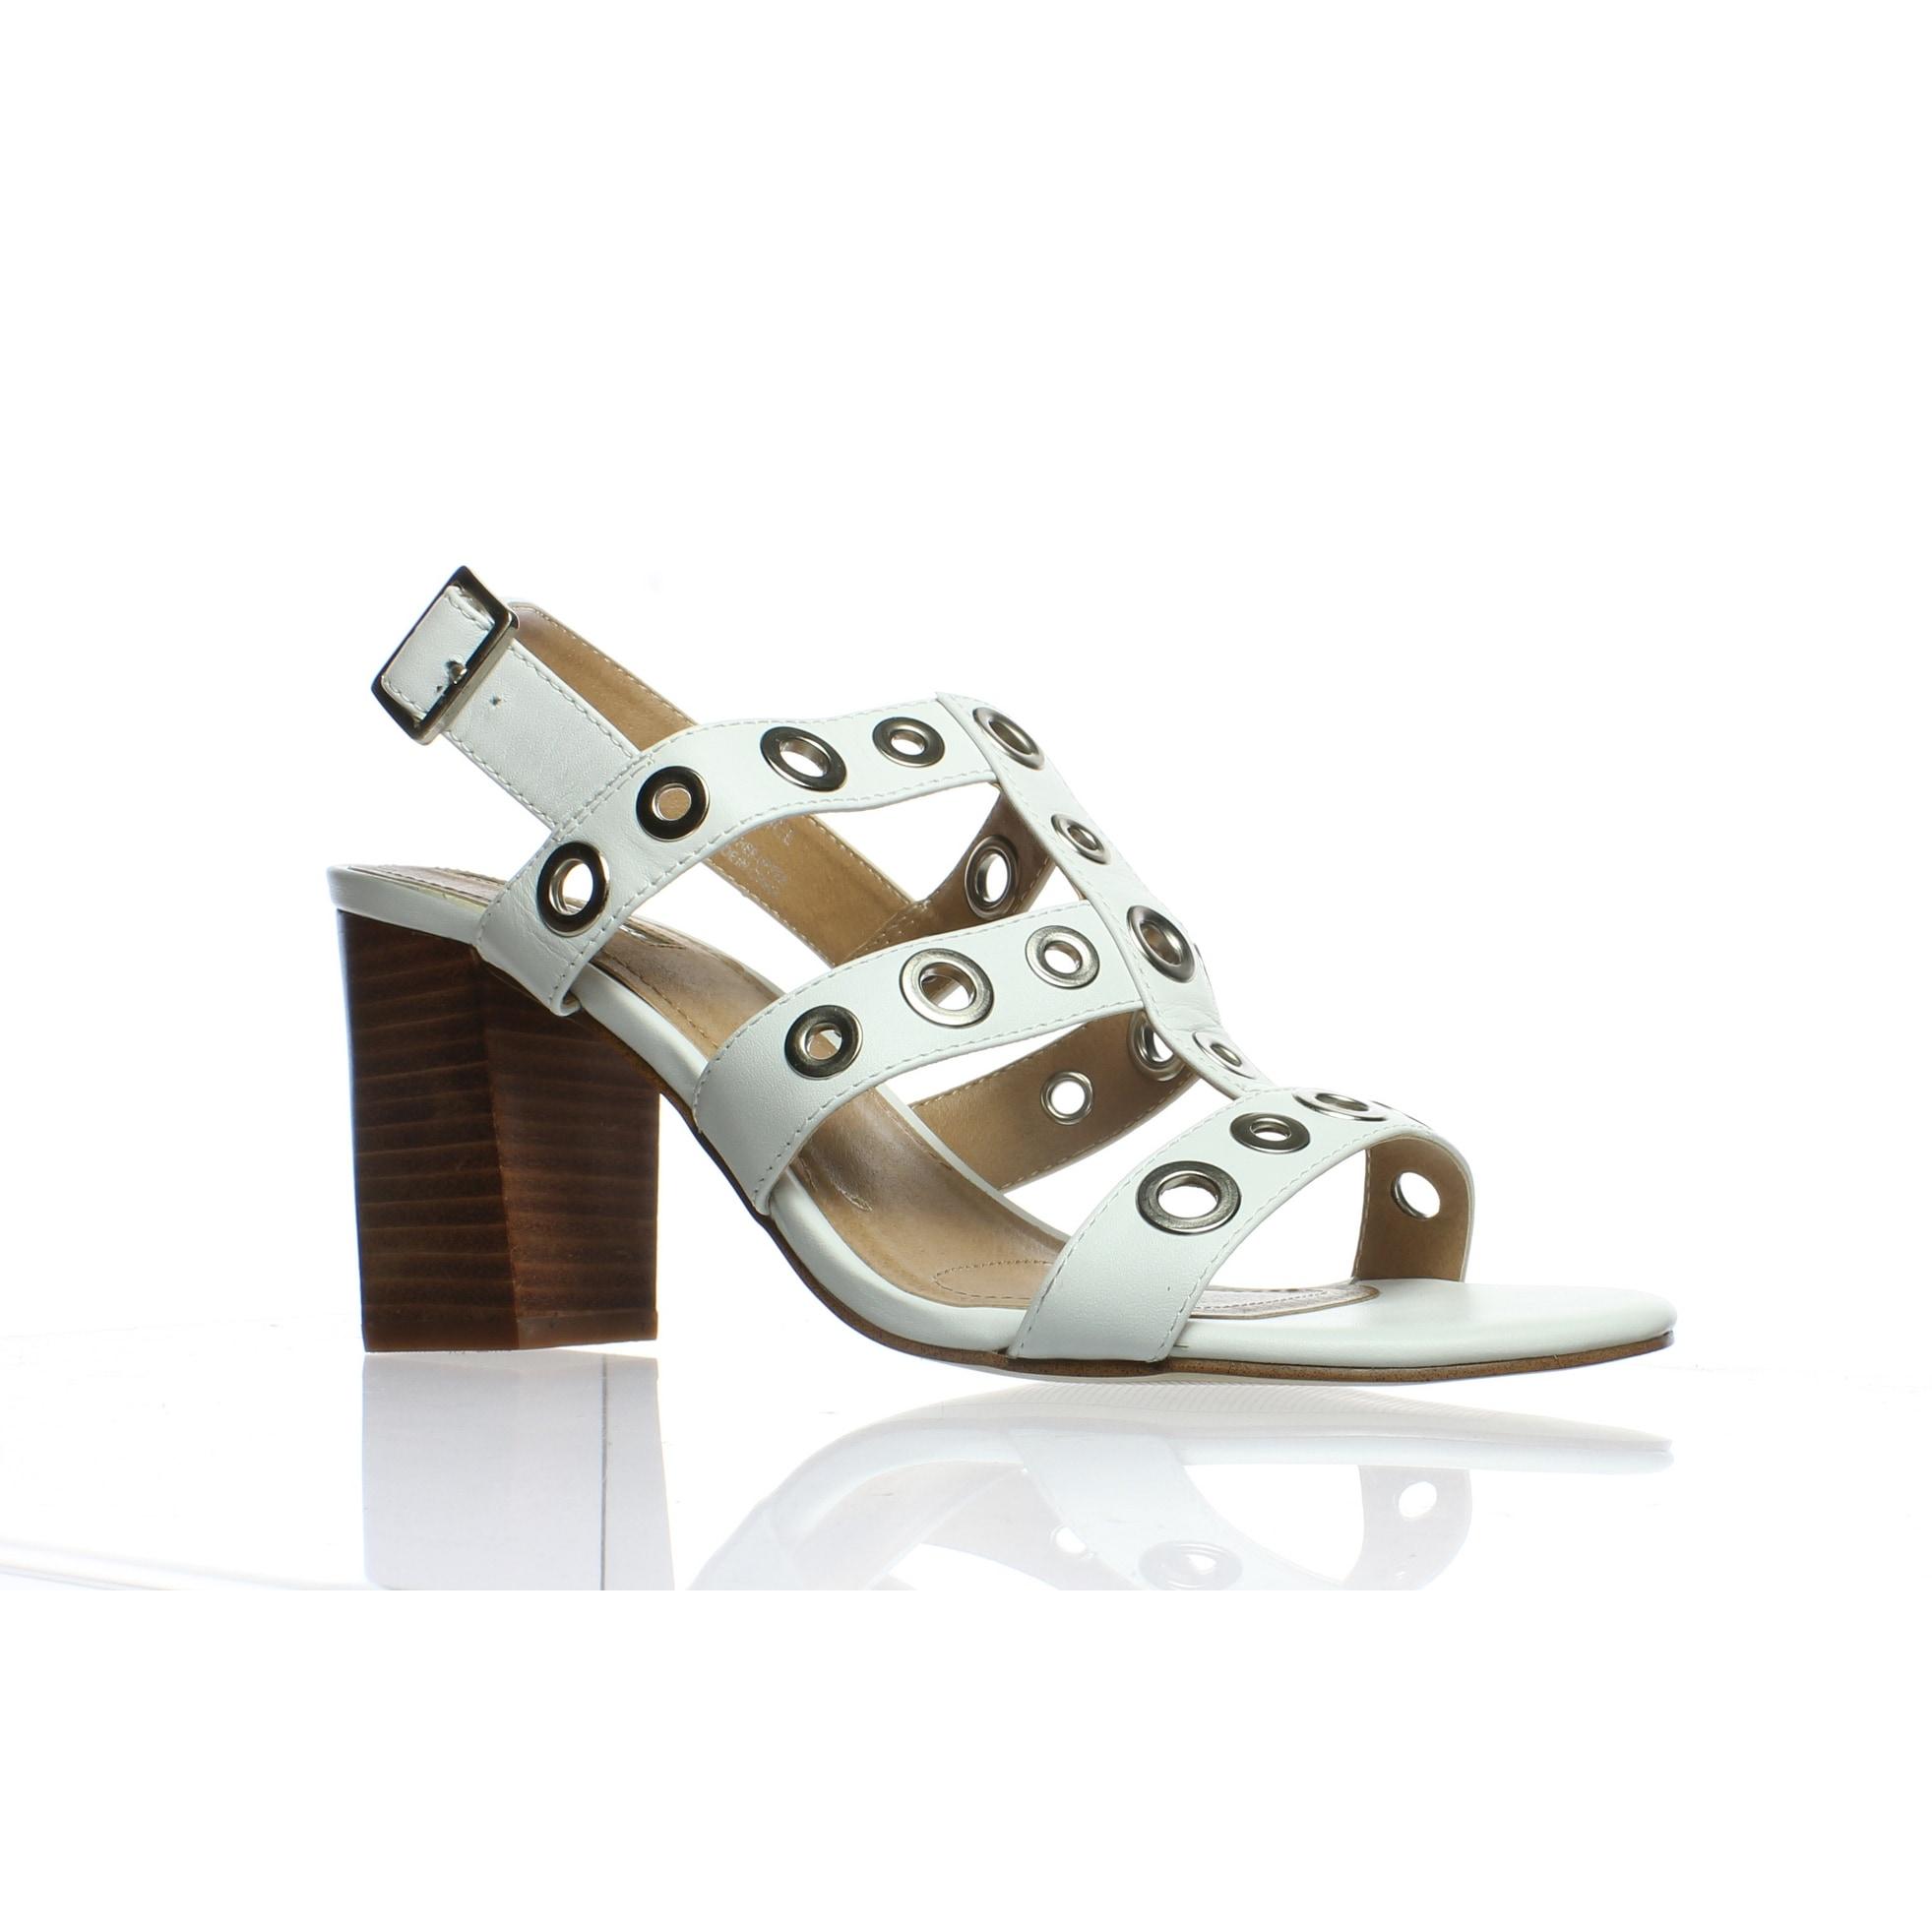 fcf1fb559459 Buy Tahari Women s Heels Online at Overstock